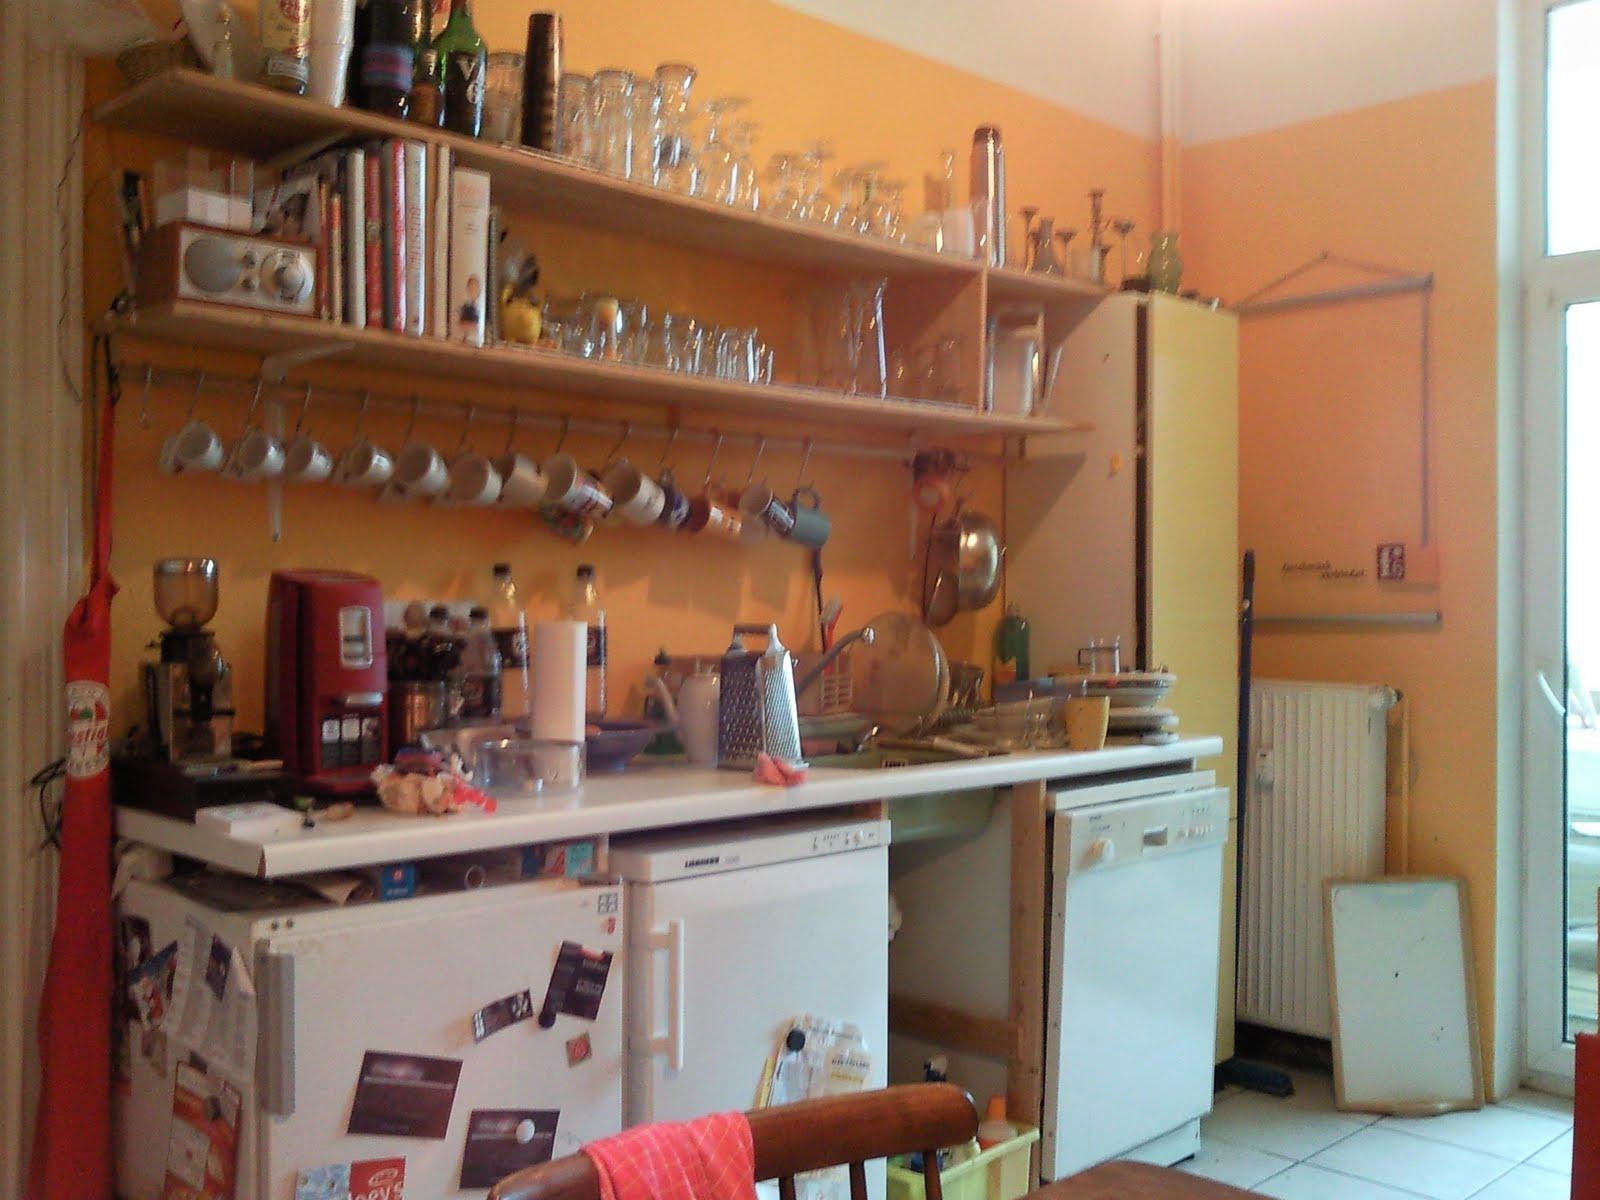 Schön Küchen Starterset; Studentenküche Studentenküche